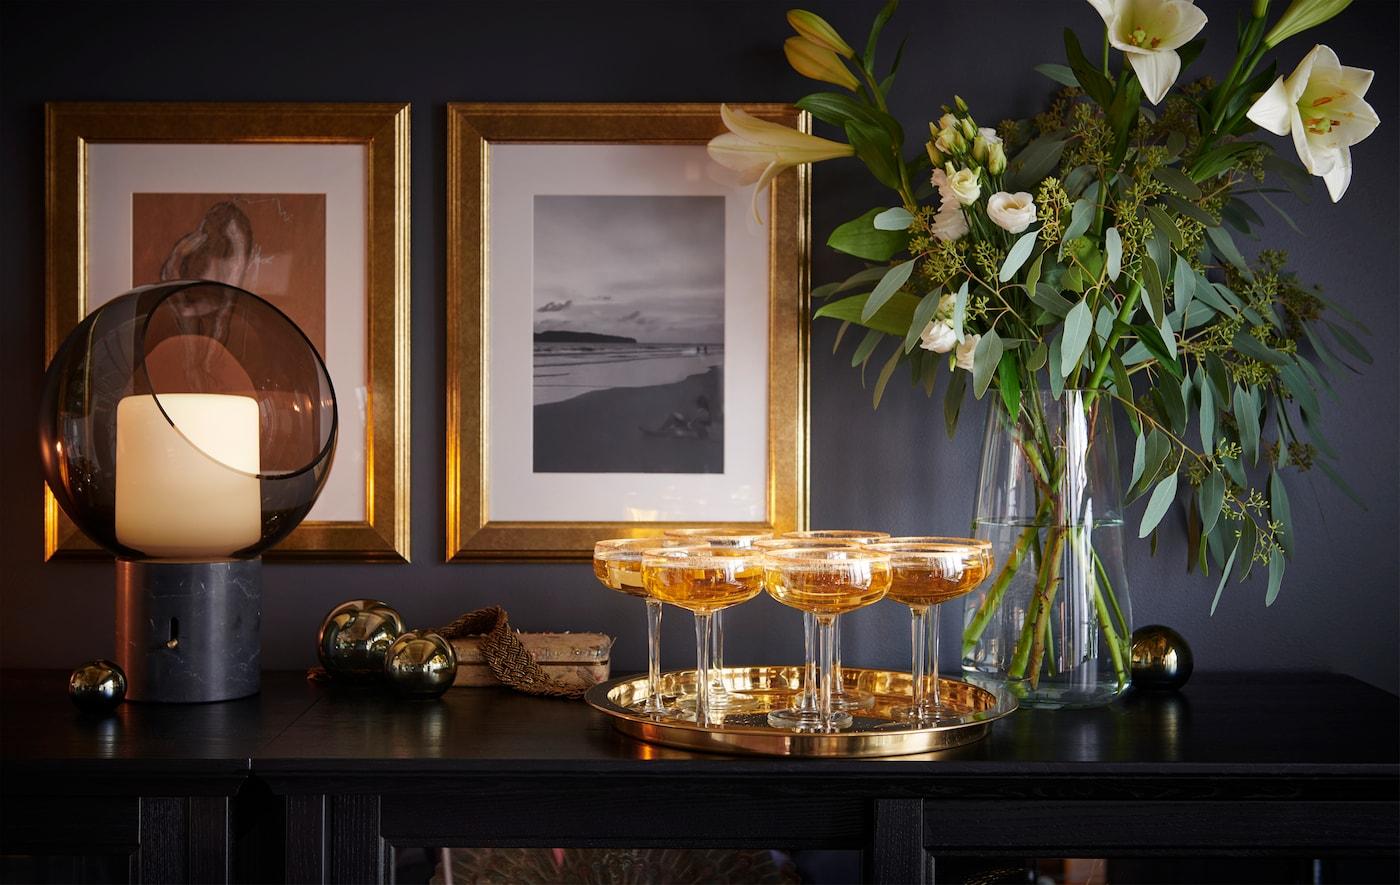 هل تخطط لاستقبال العام الجديد بالألوان الذهبية اللامعة والمشروبات المنعشة؟ لدينا بعض الأفكار الأنيقة والمناسبة للميزانية.